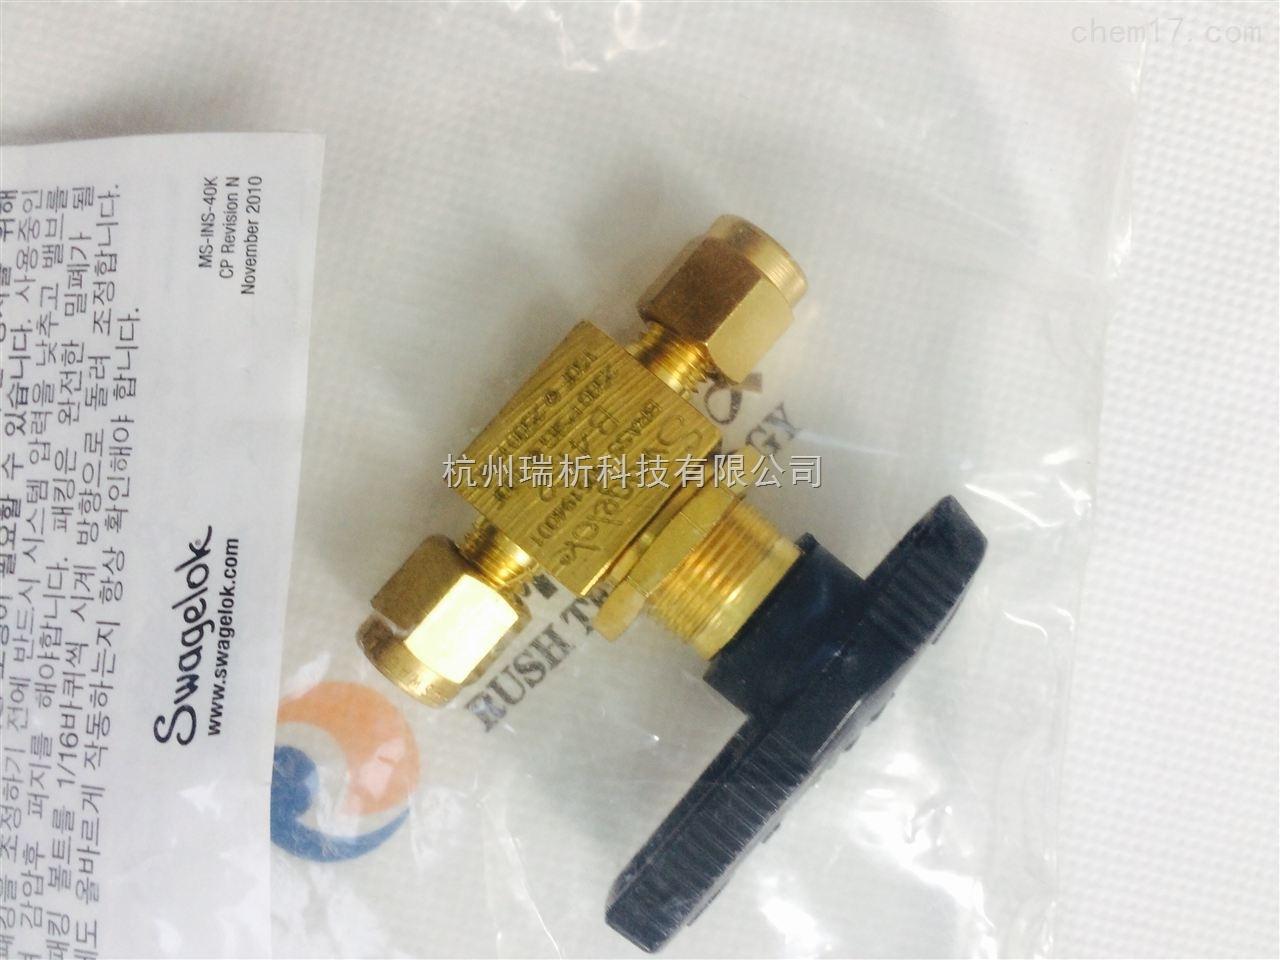 0100-2144色谱柱液相色谱柱0100-2144Ball valve, 18 inch